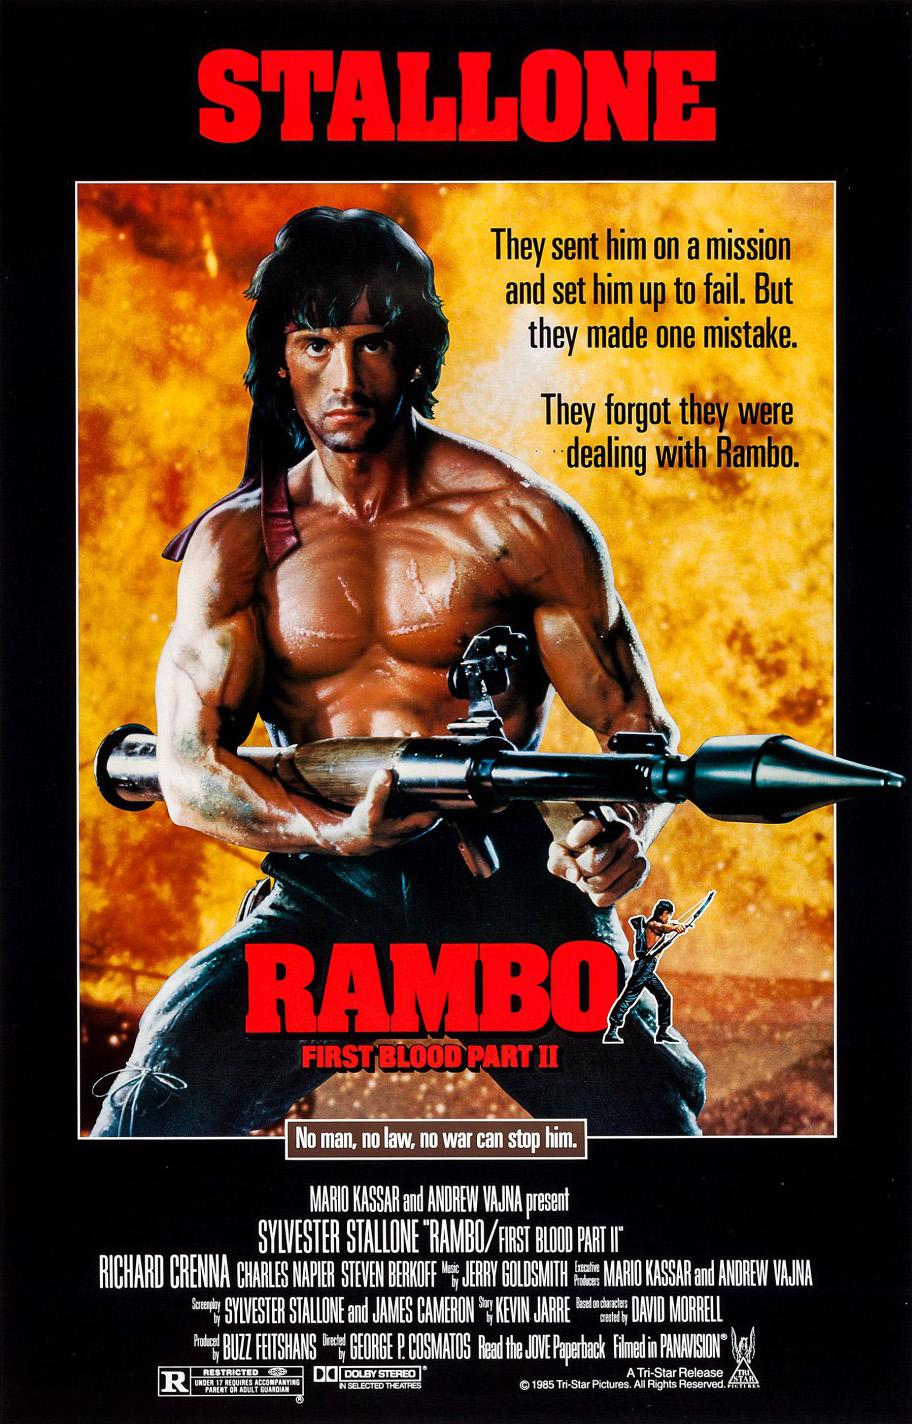 ดูหนังแอคชั่น แรมโบ้ 2 4K หนังภาคต่อสนุกๆ